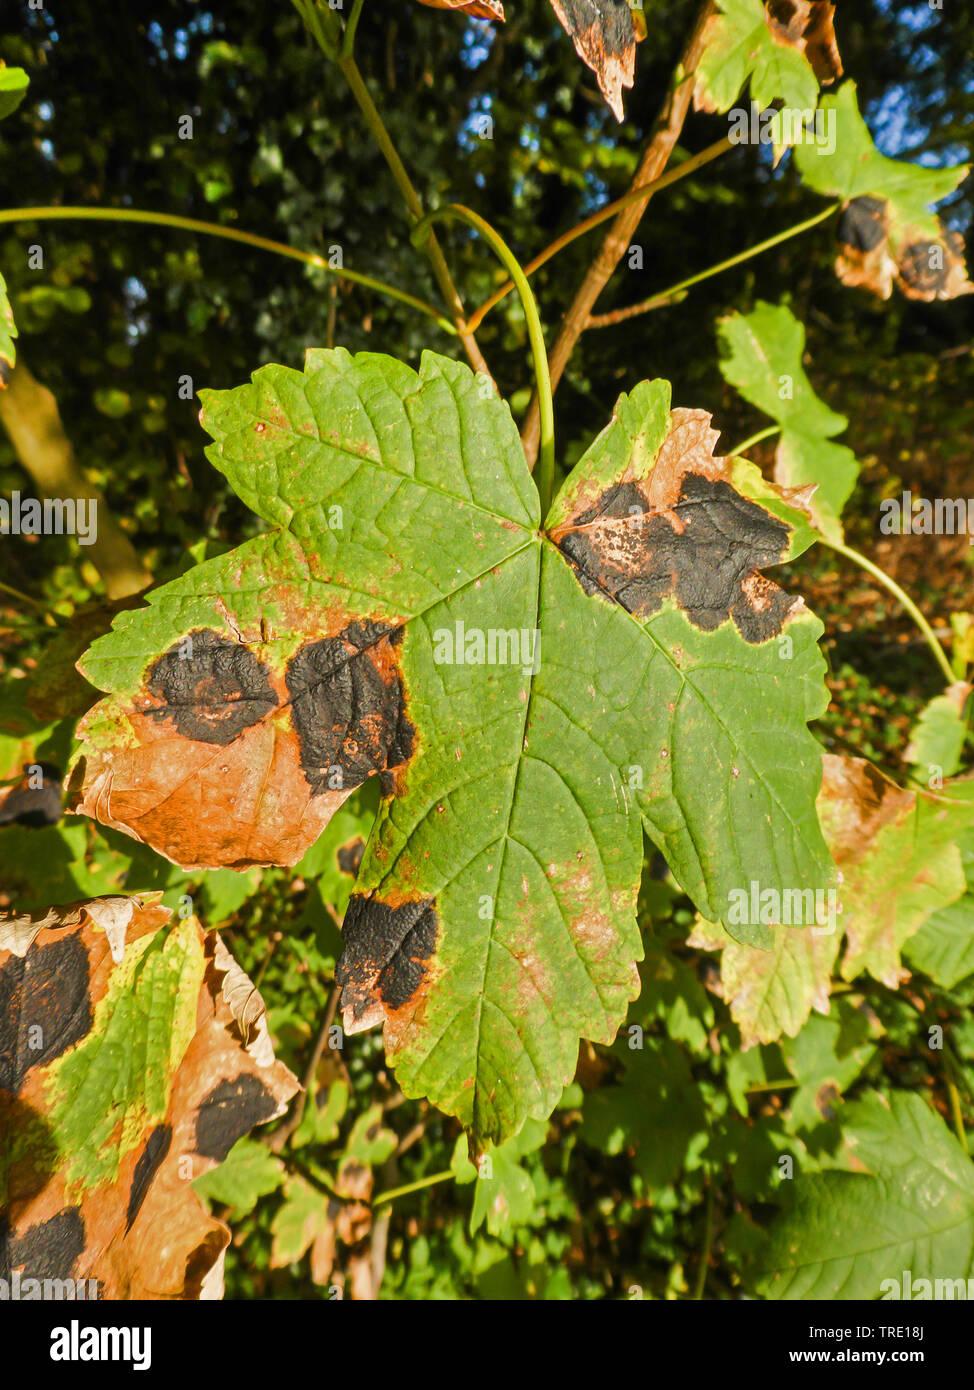 Ahorn-Runzelschorf, Ahornrunzelschorf (Rhytisma acerinum), Teerfleckenkrankheit auf Berg-Ahorn, Deutschland, Niedersachsen | Sycamore tarspot (Rhytism - Stock Image